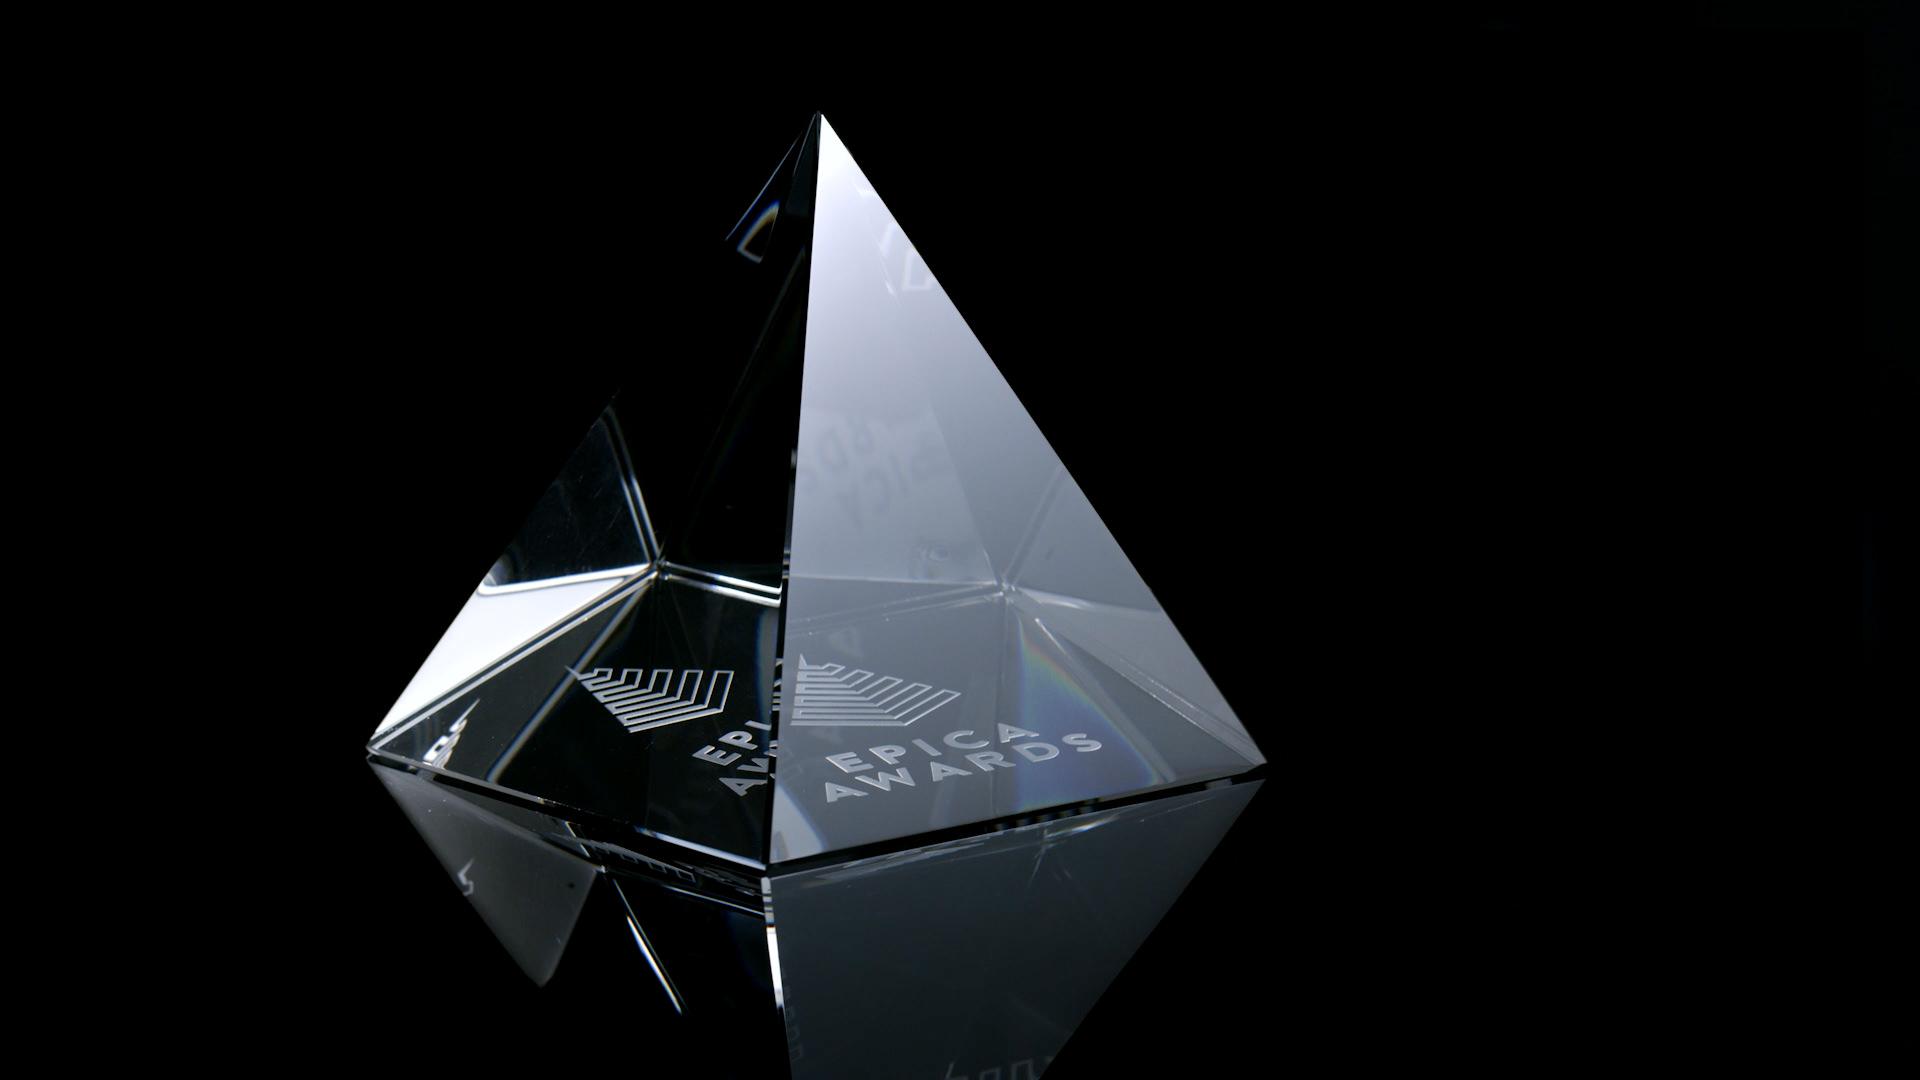 epica pyramid black